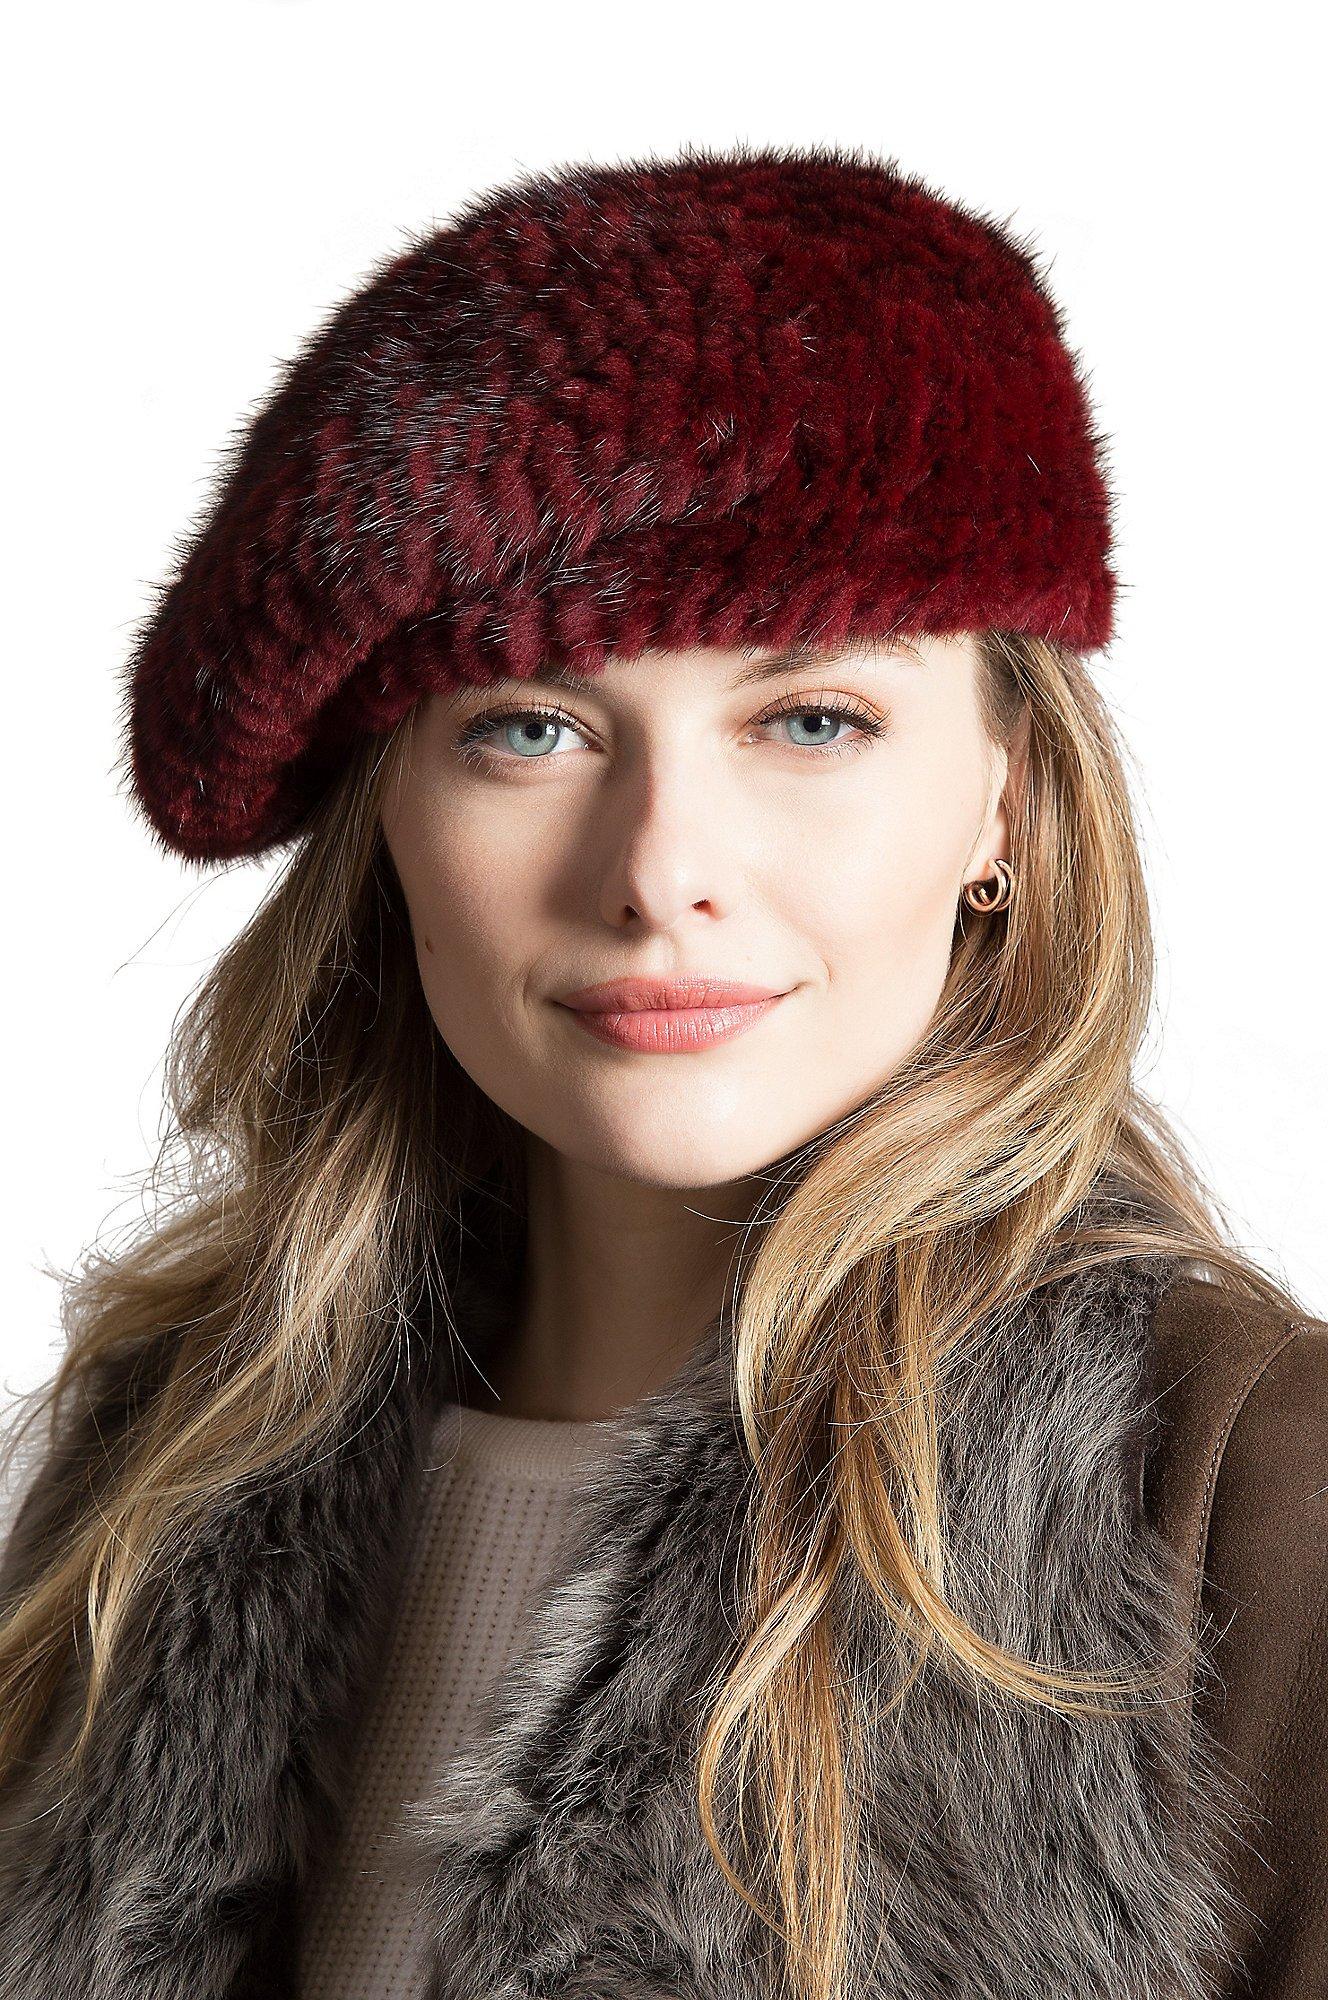 Overland Sheepskin Co. Knitted Mink Fur Beret, Burgundy, Size 1 Size